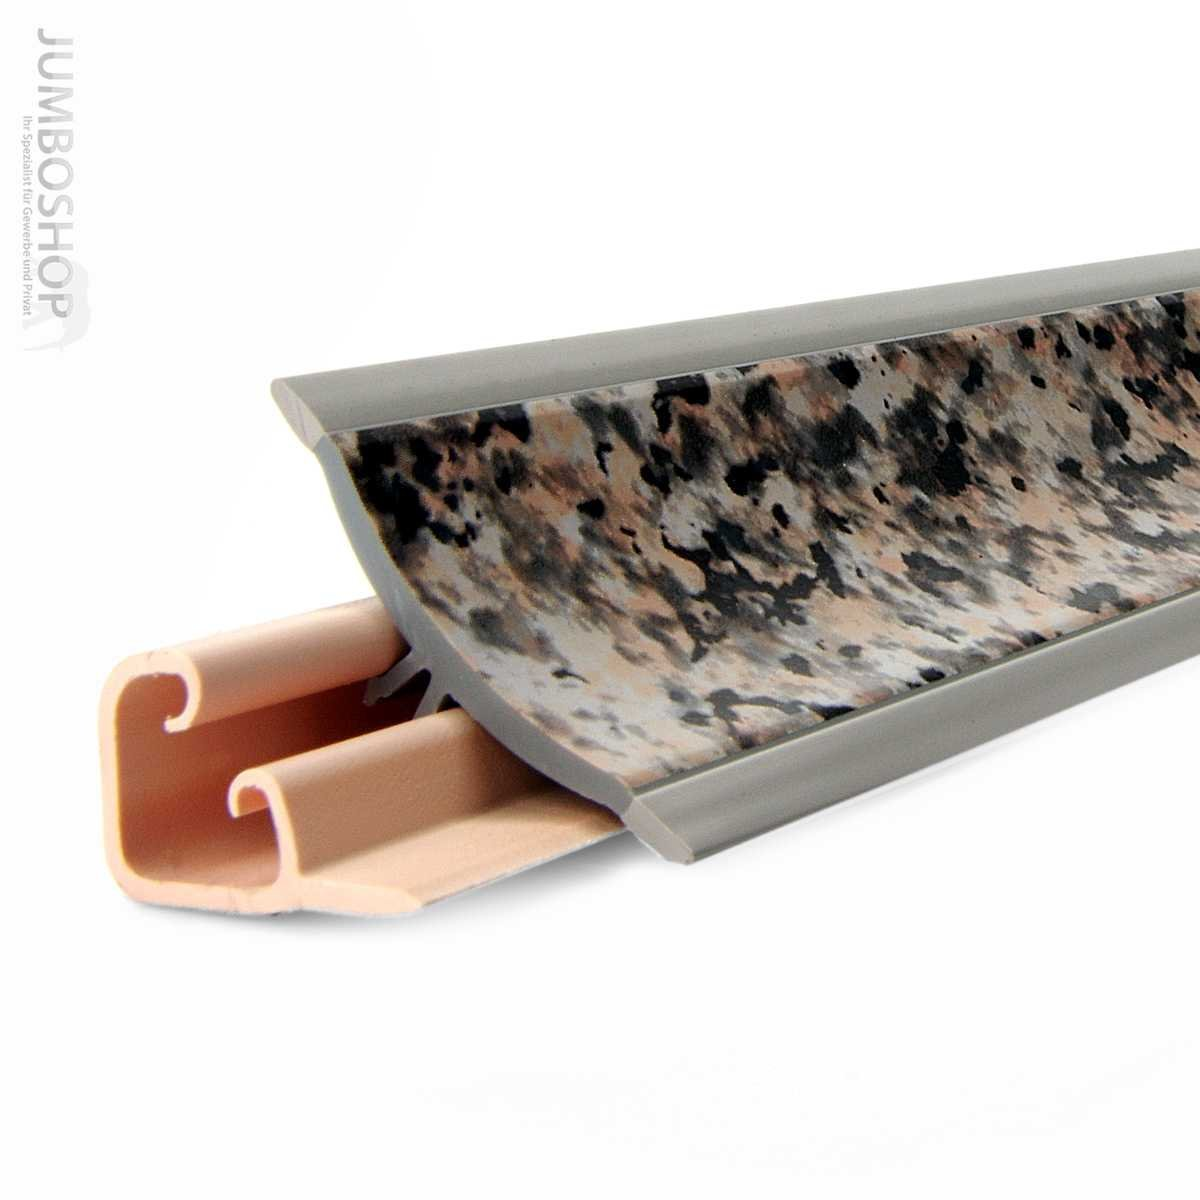 Abschlußleisten für küchenarbeitsplatten  150cm Küchenabschlussleiste Küchenleiste Wandabschlussleiste -- 23 ...